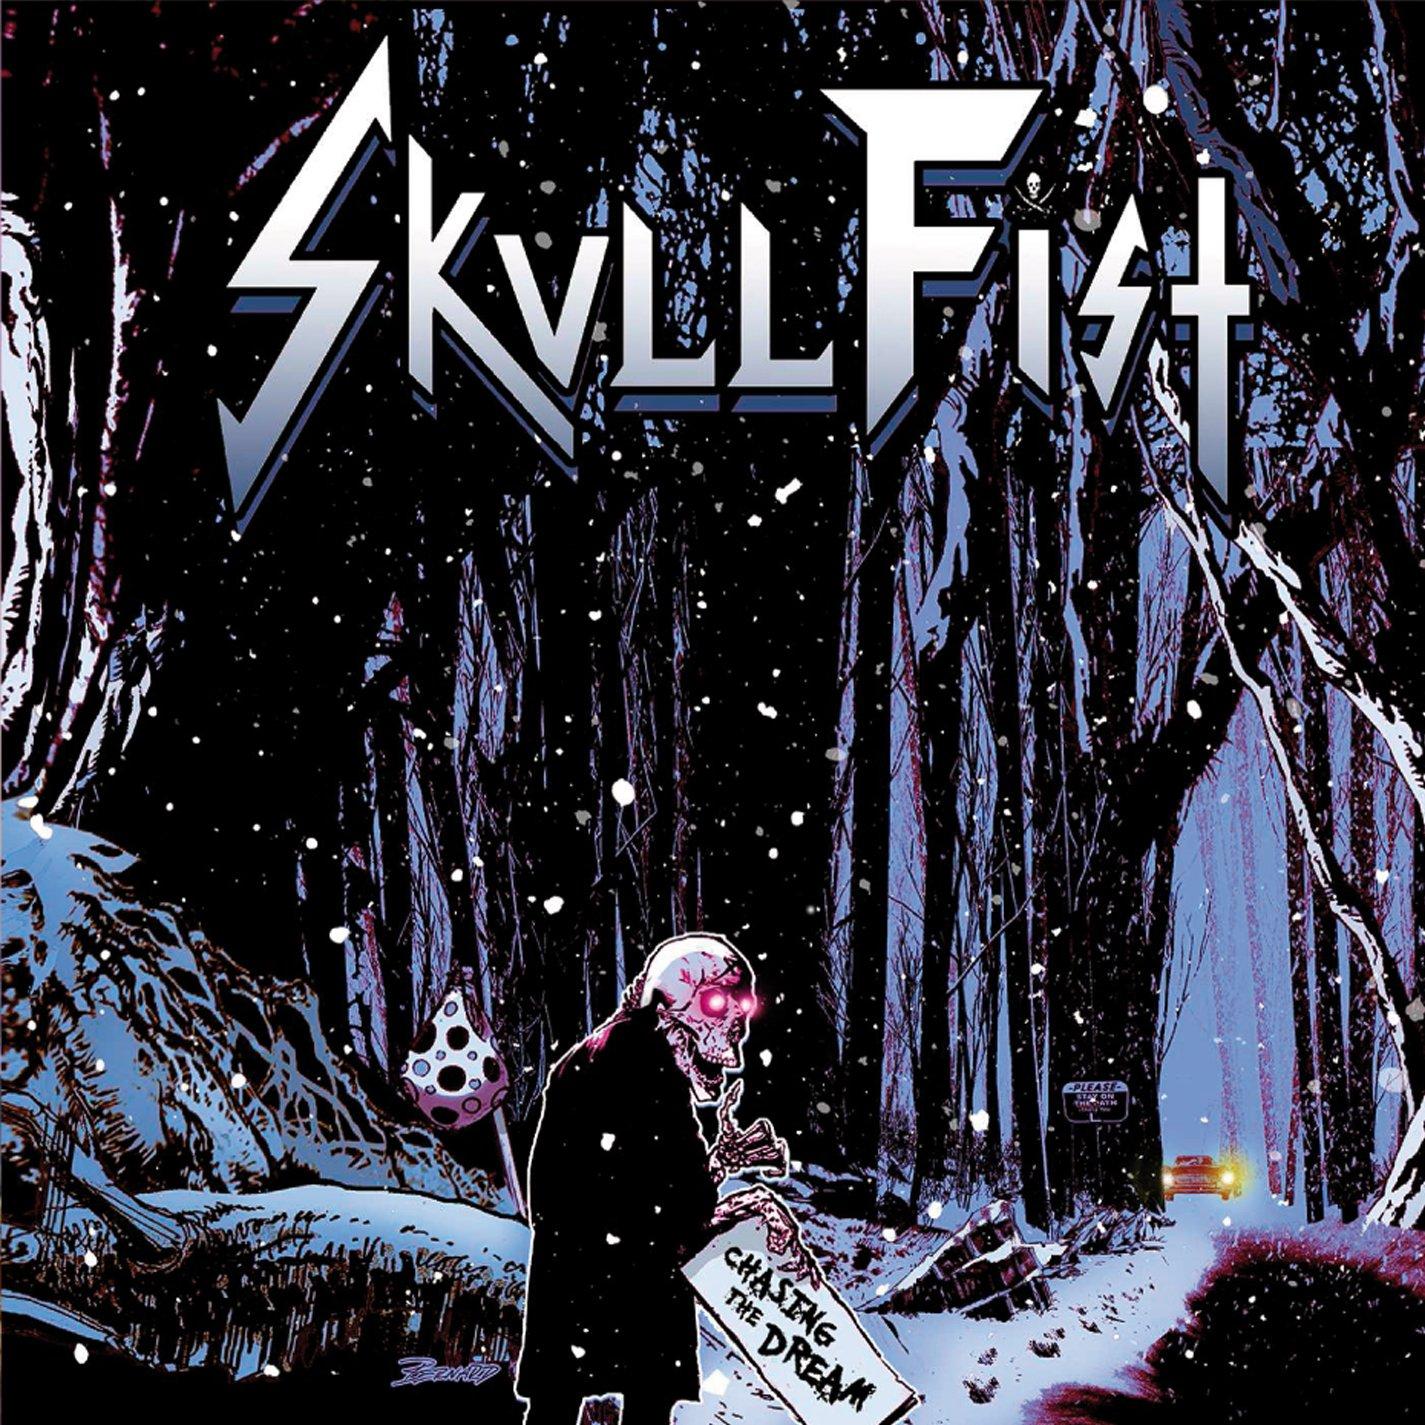 CD : Skull Fist - Chasing The Dream (CD)